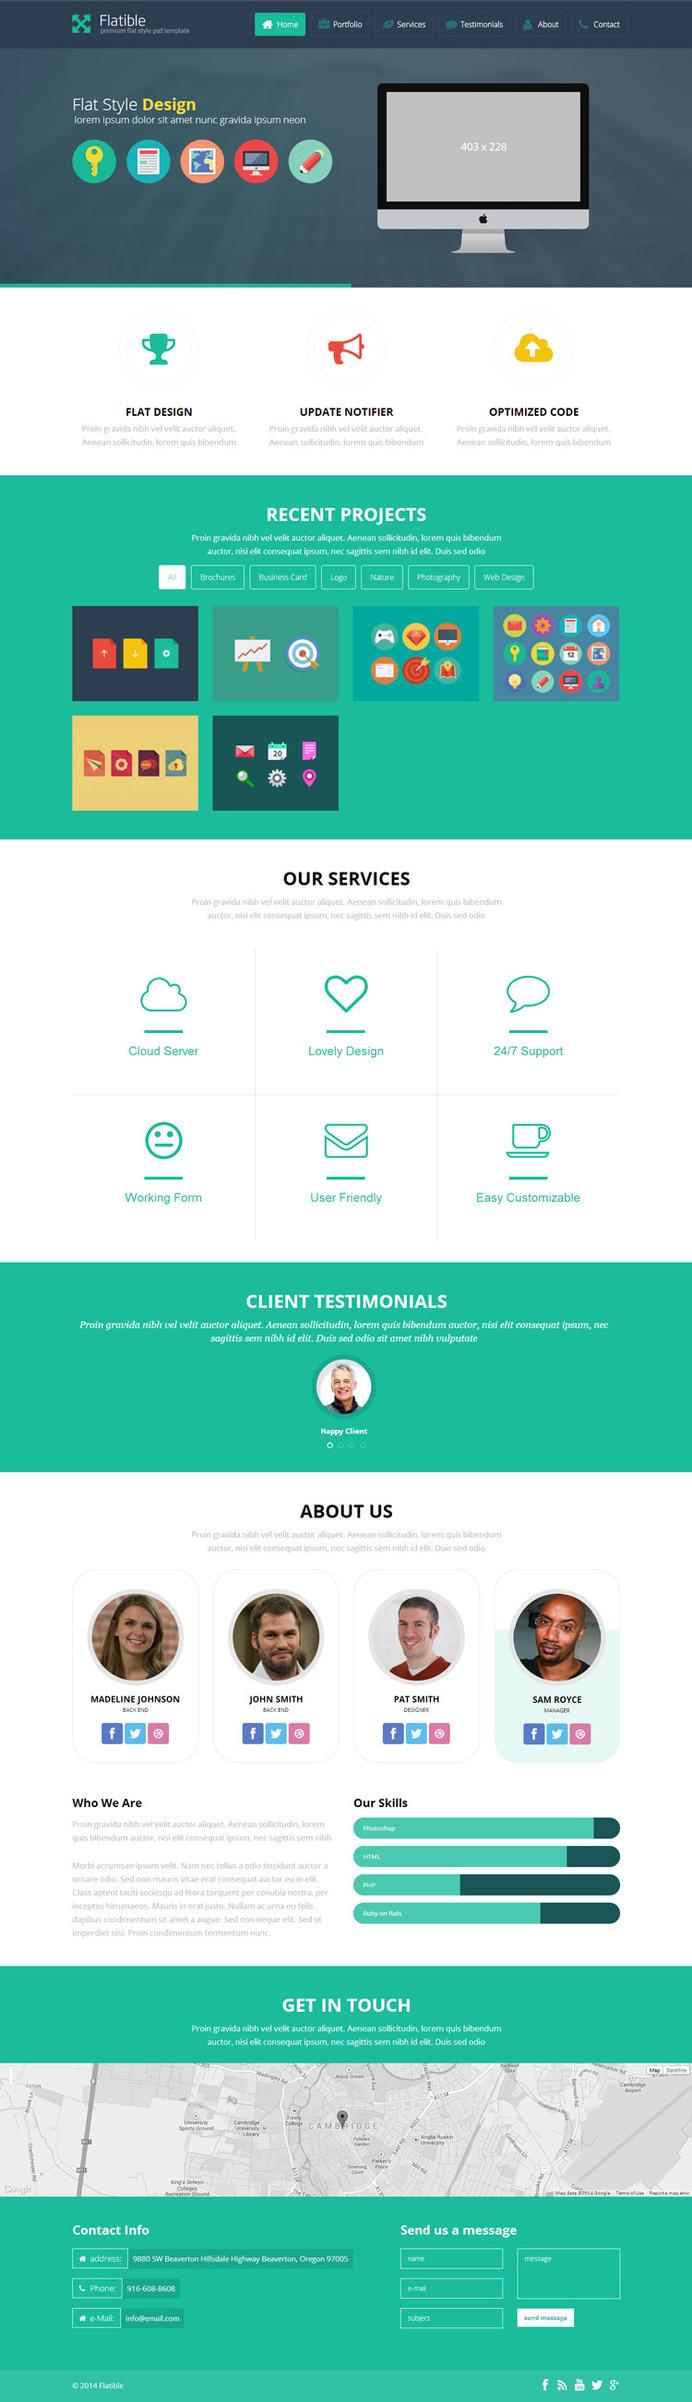 green, website, layout, concept, flat, design #flat #design #website #concept #layout #green